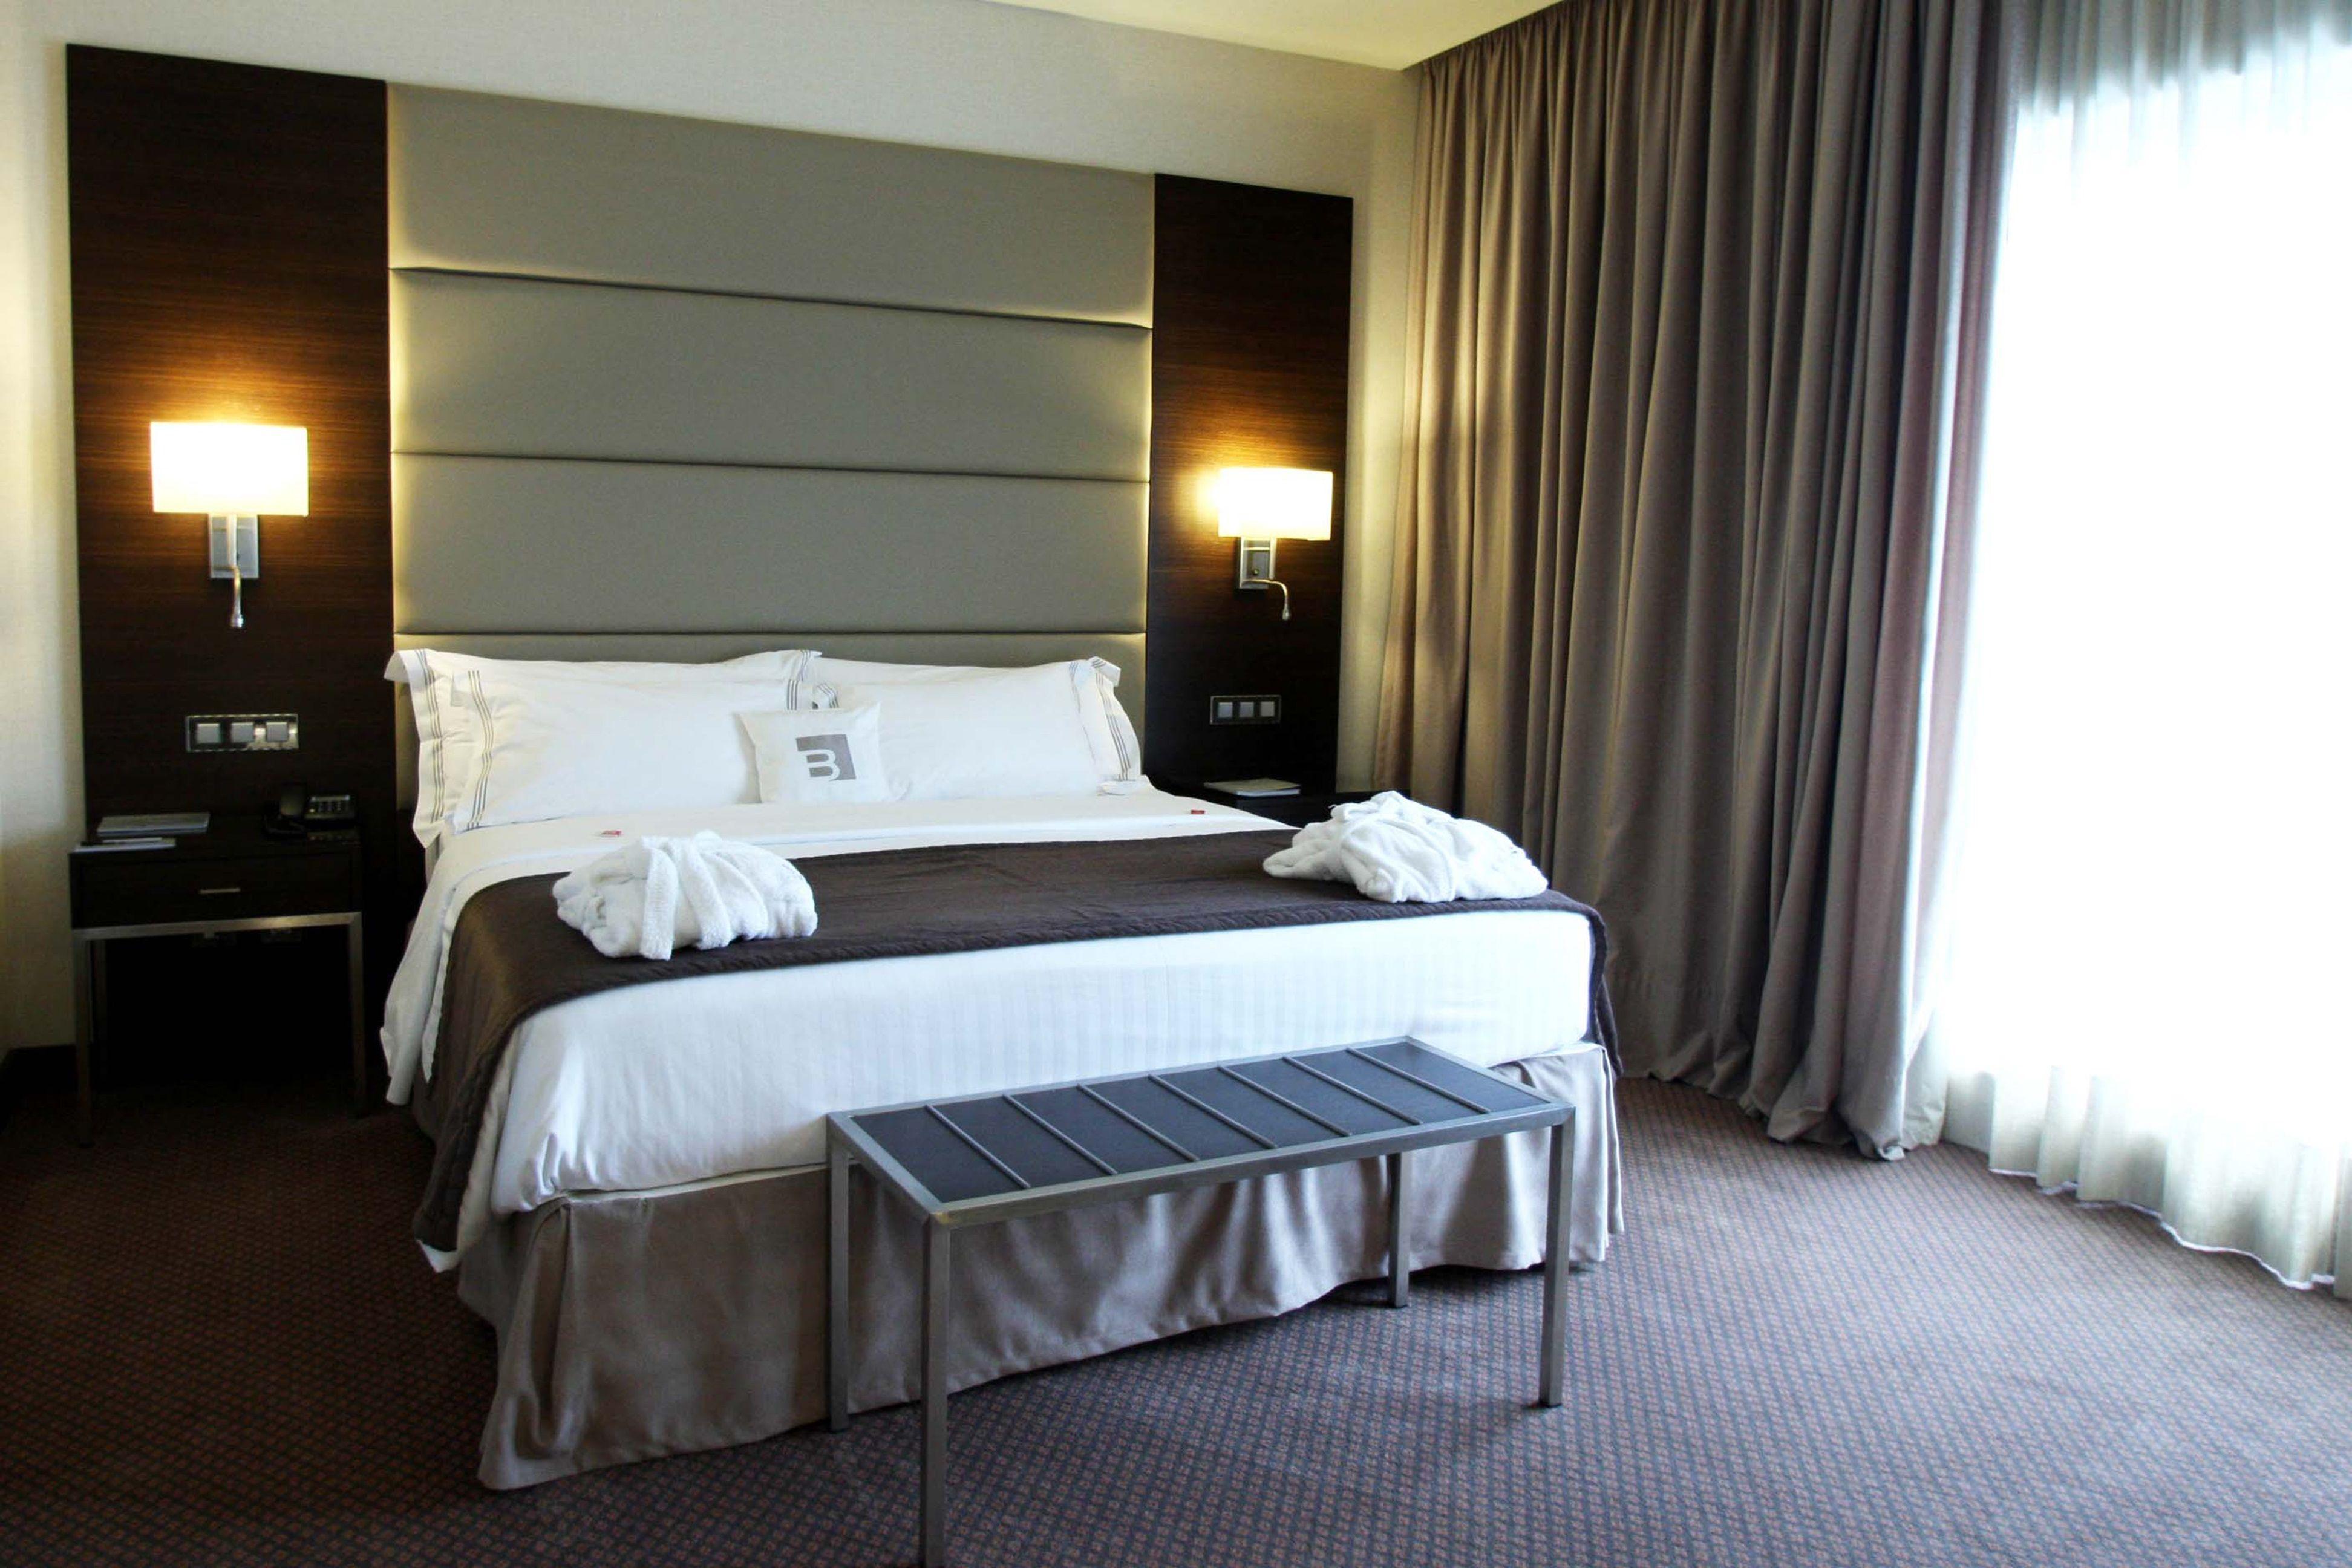 034_superior room3123